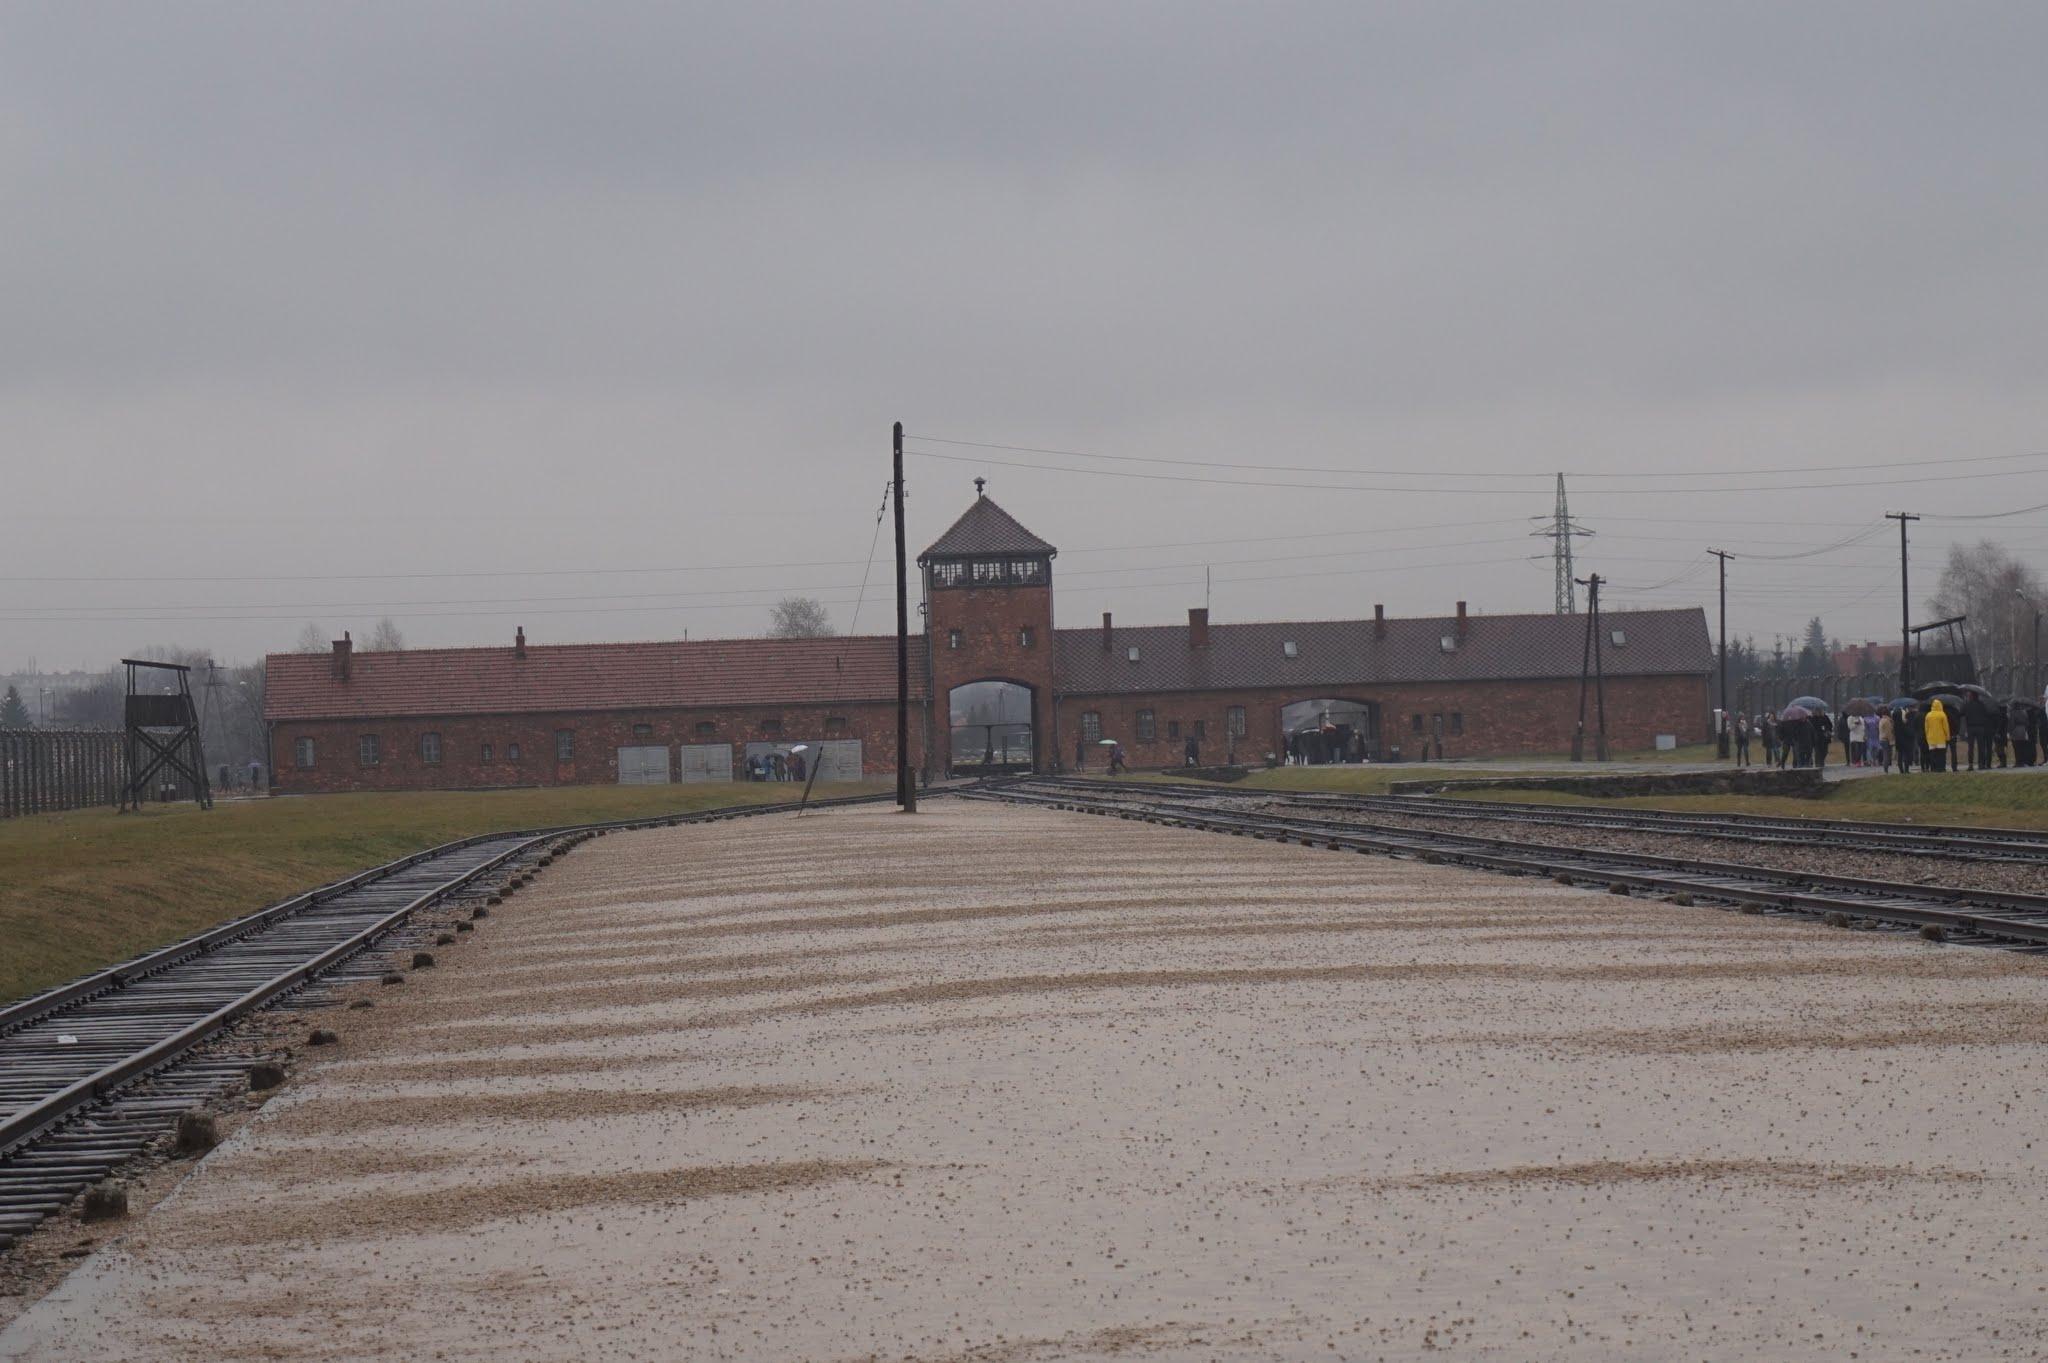 Aici este celebrul peron pe care il puteti vedea in toate pozele legate de Auschwitz